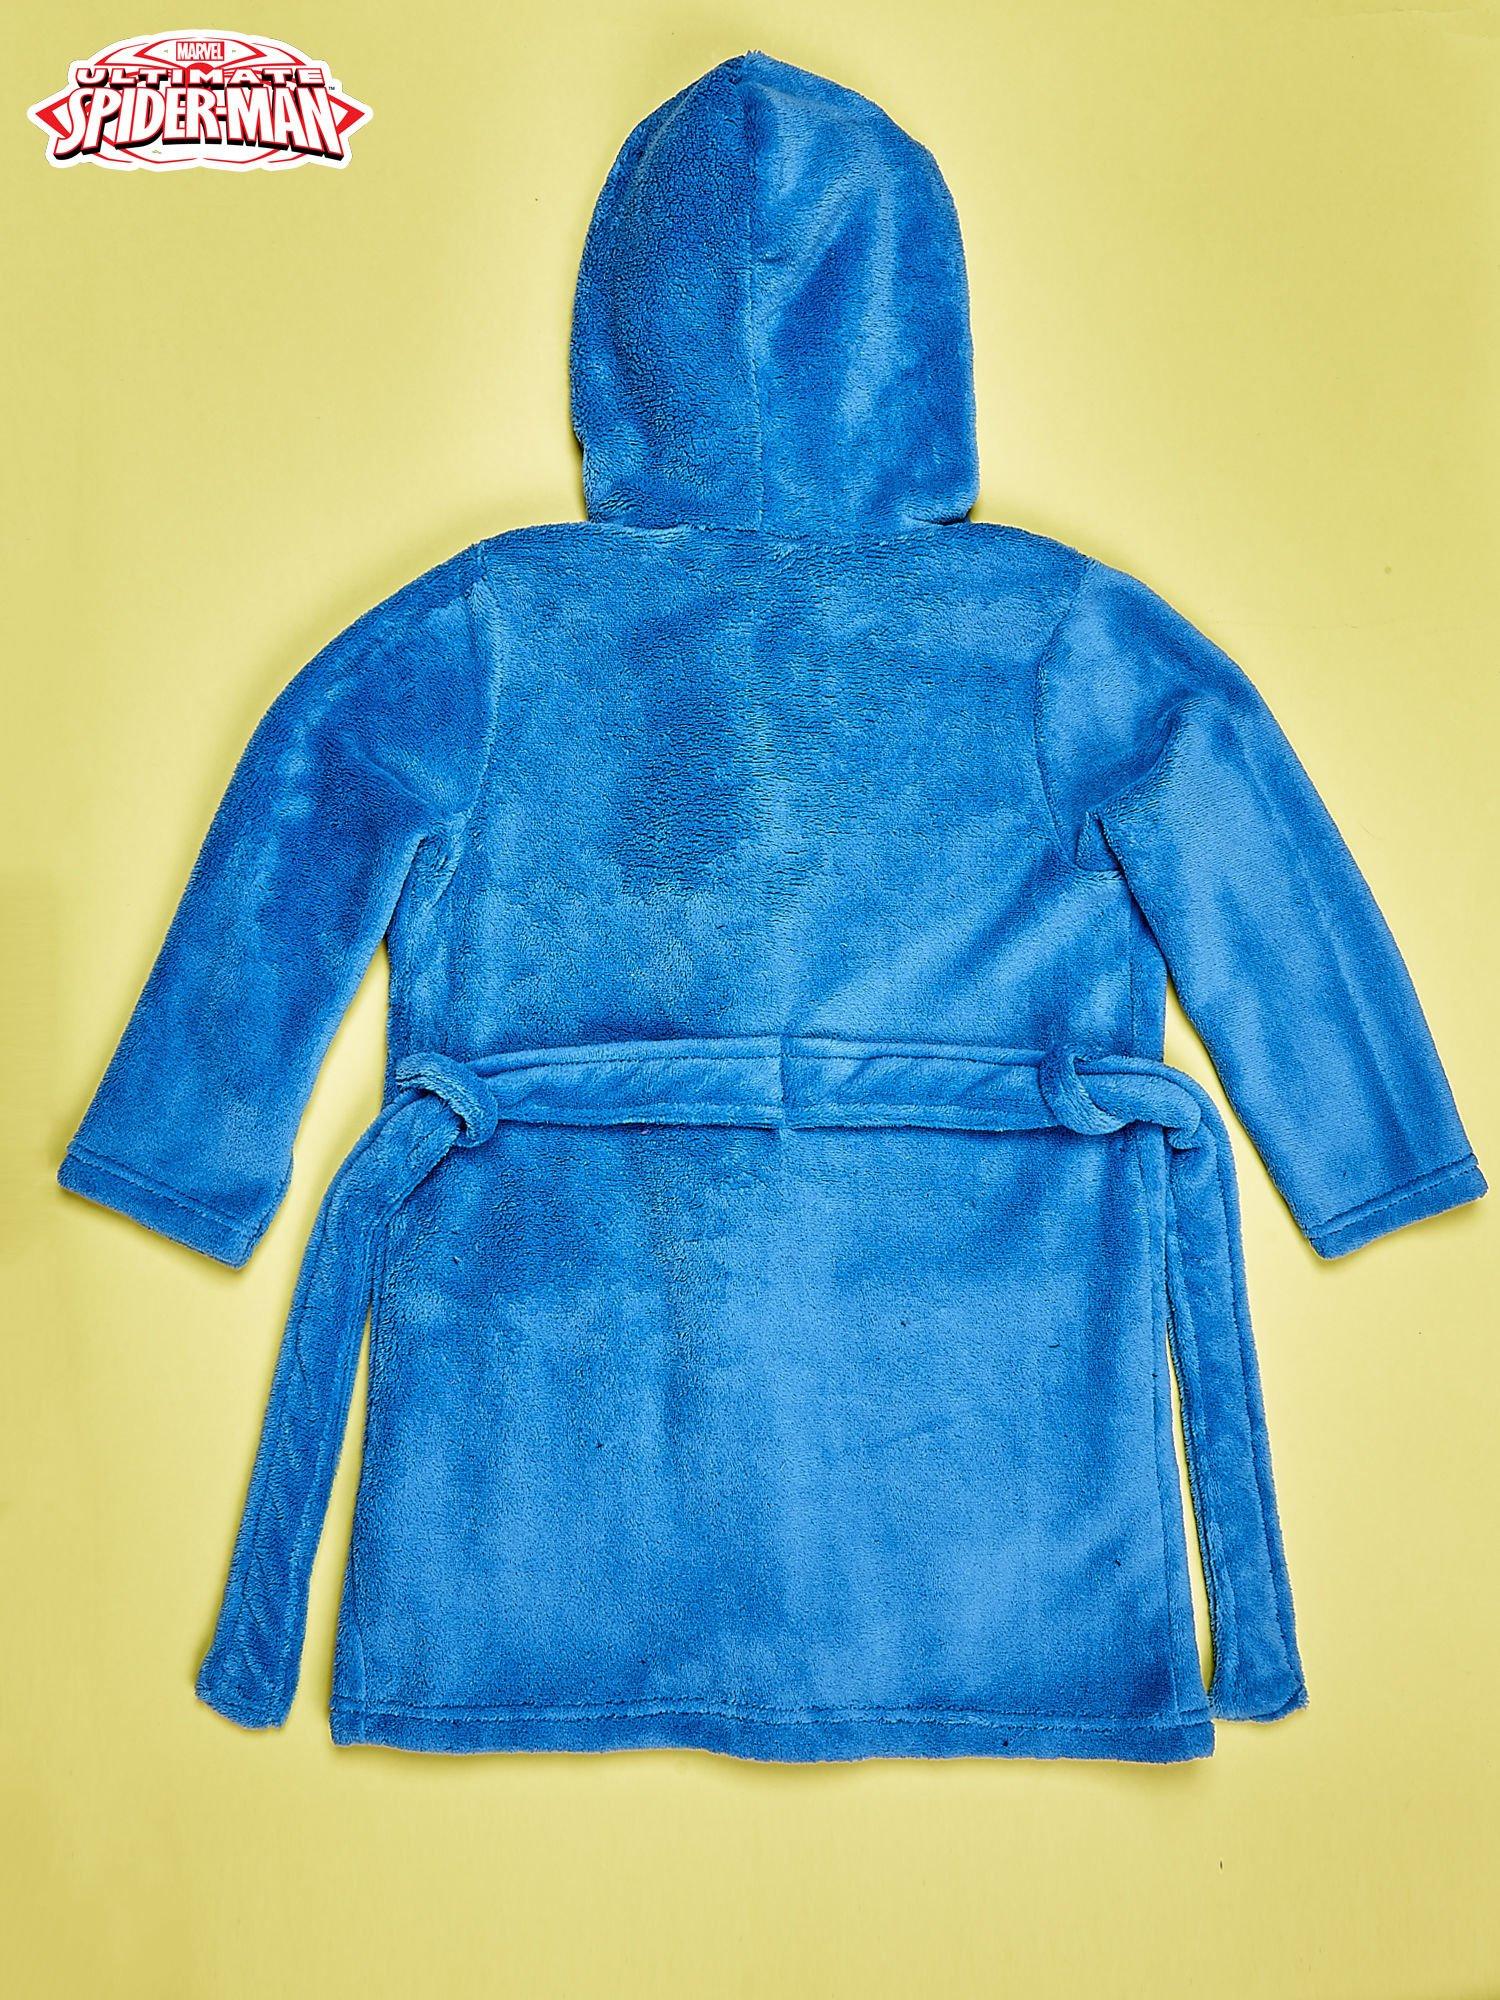 Niebieski chłopięcy szlafrok SPIDERMAN                                  zdj.                                  2